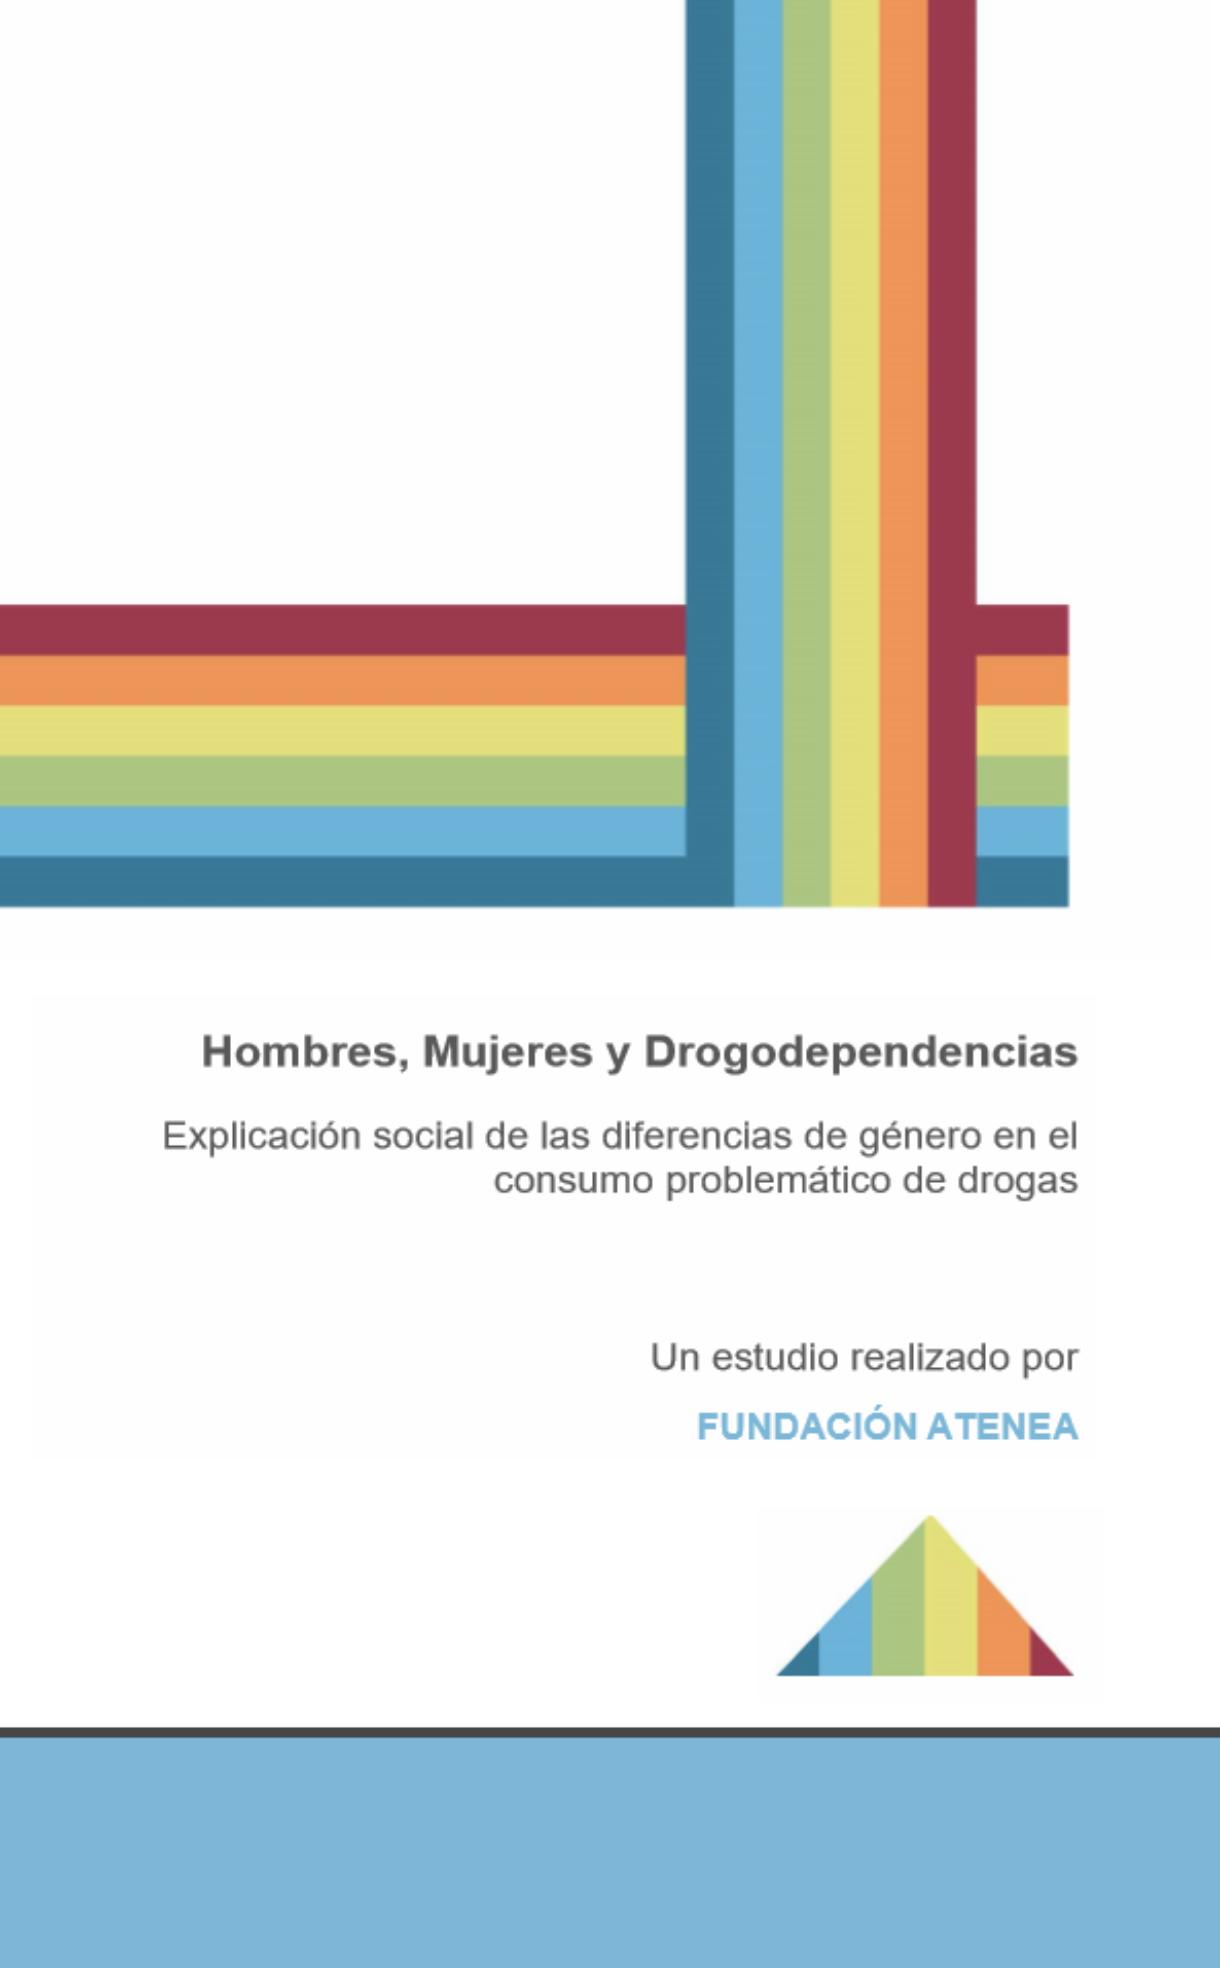 Hombres, Mujeres y Drogodependencias   Explicación social de las diferencias de género en el consumo problemático de drogas